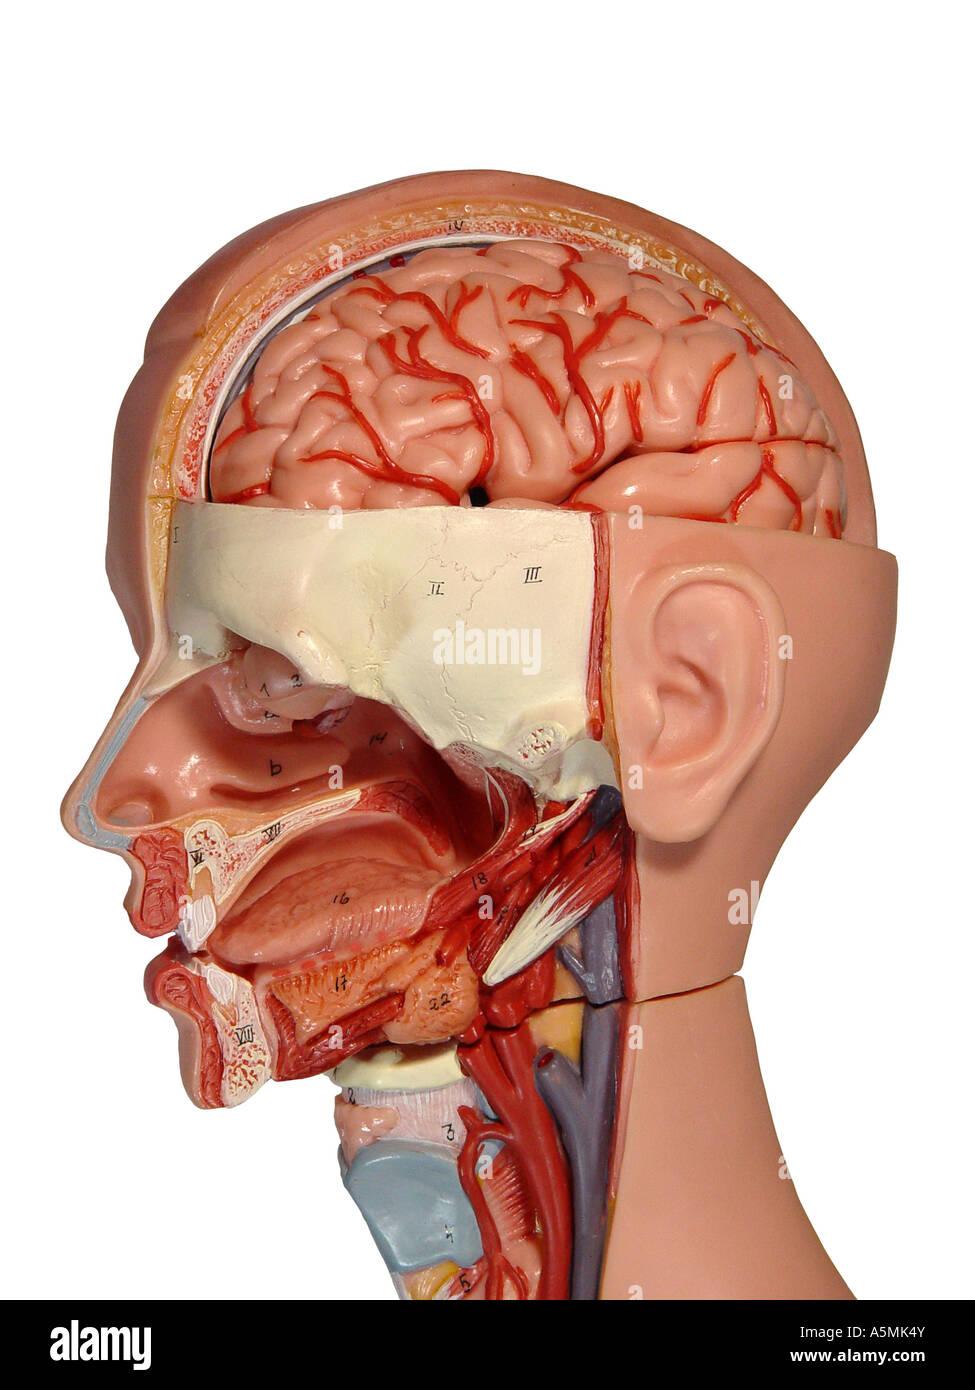 Anatomiemodell Anatomie Modell menschlichen Kopf in Stockfoto, Bild ...